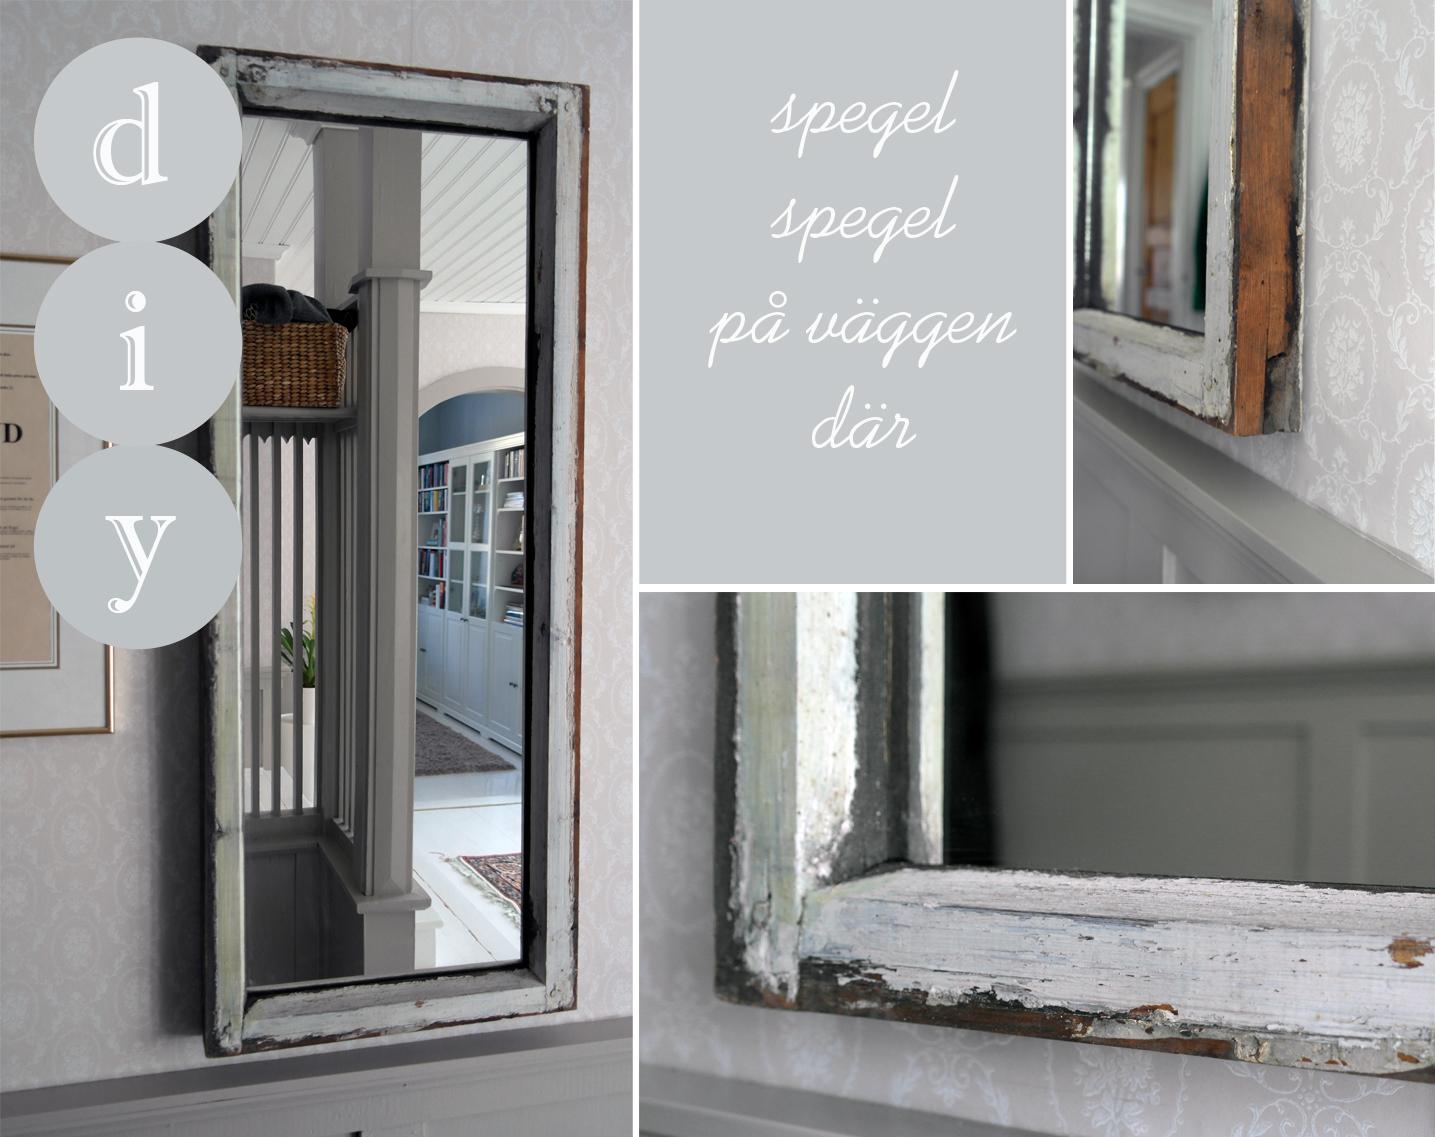 Spegel av en fönsterkarm  mammaspring